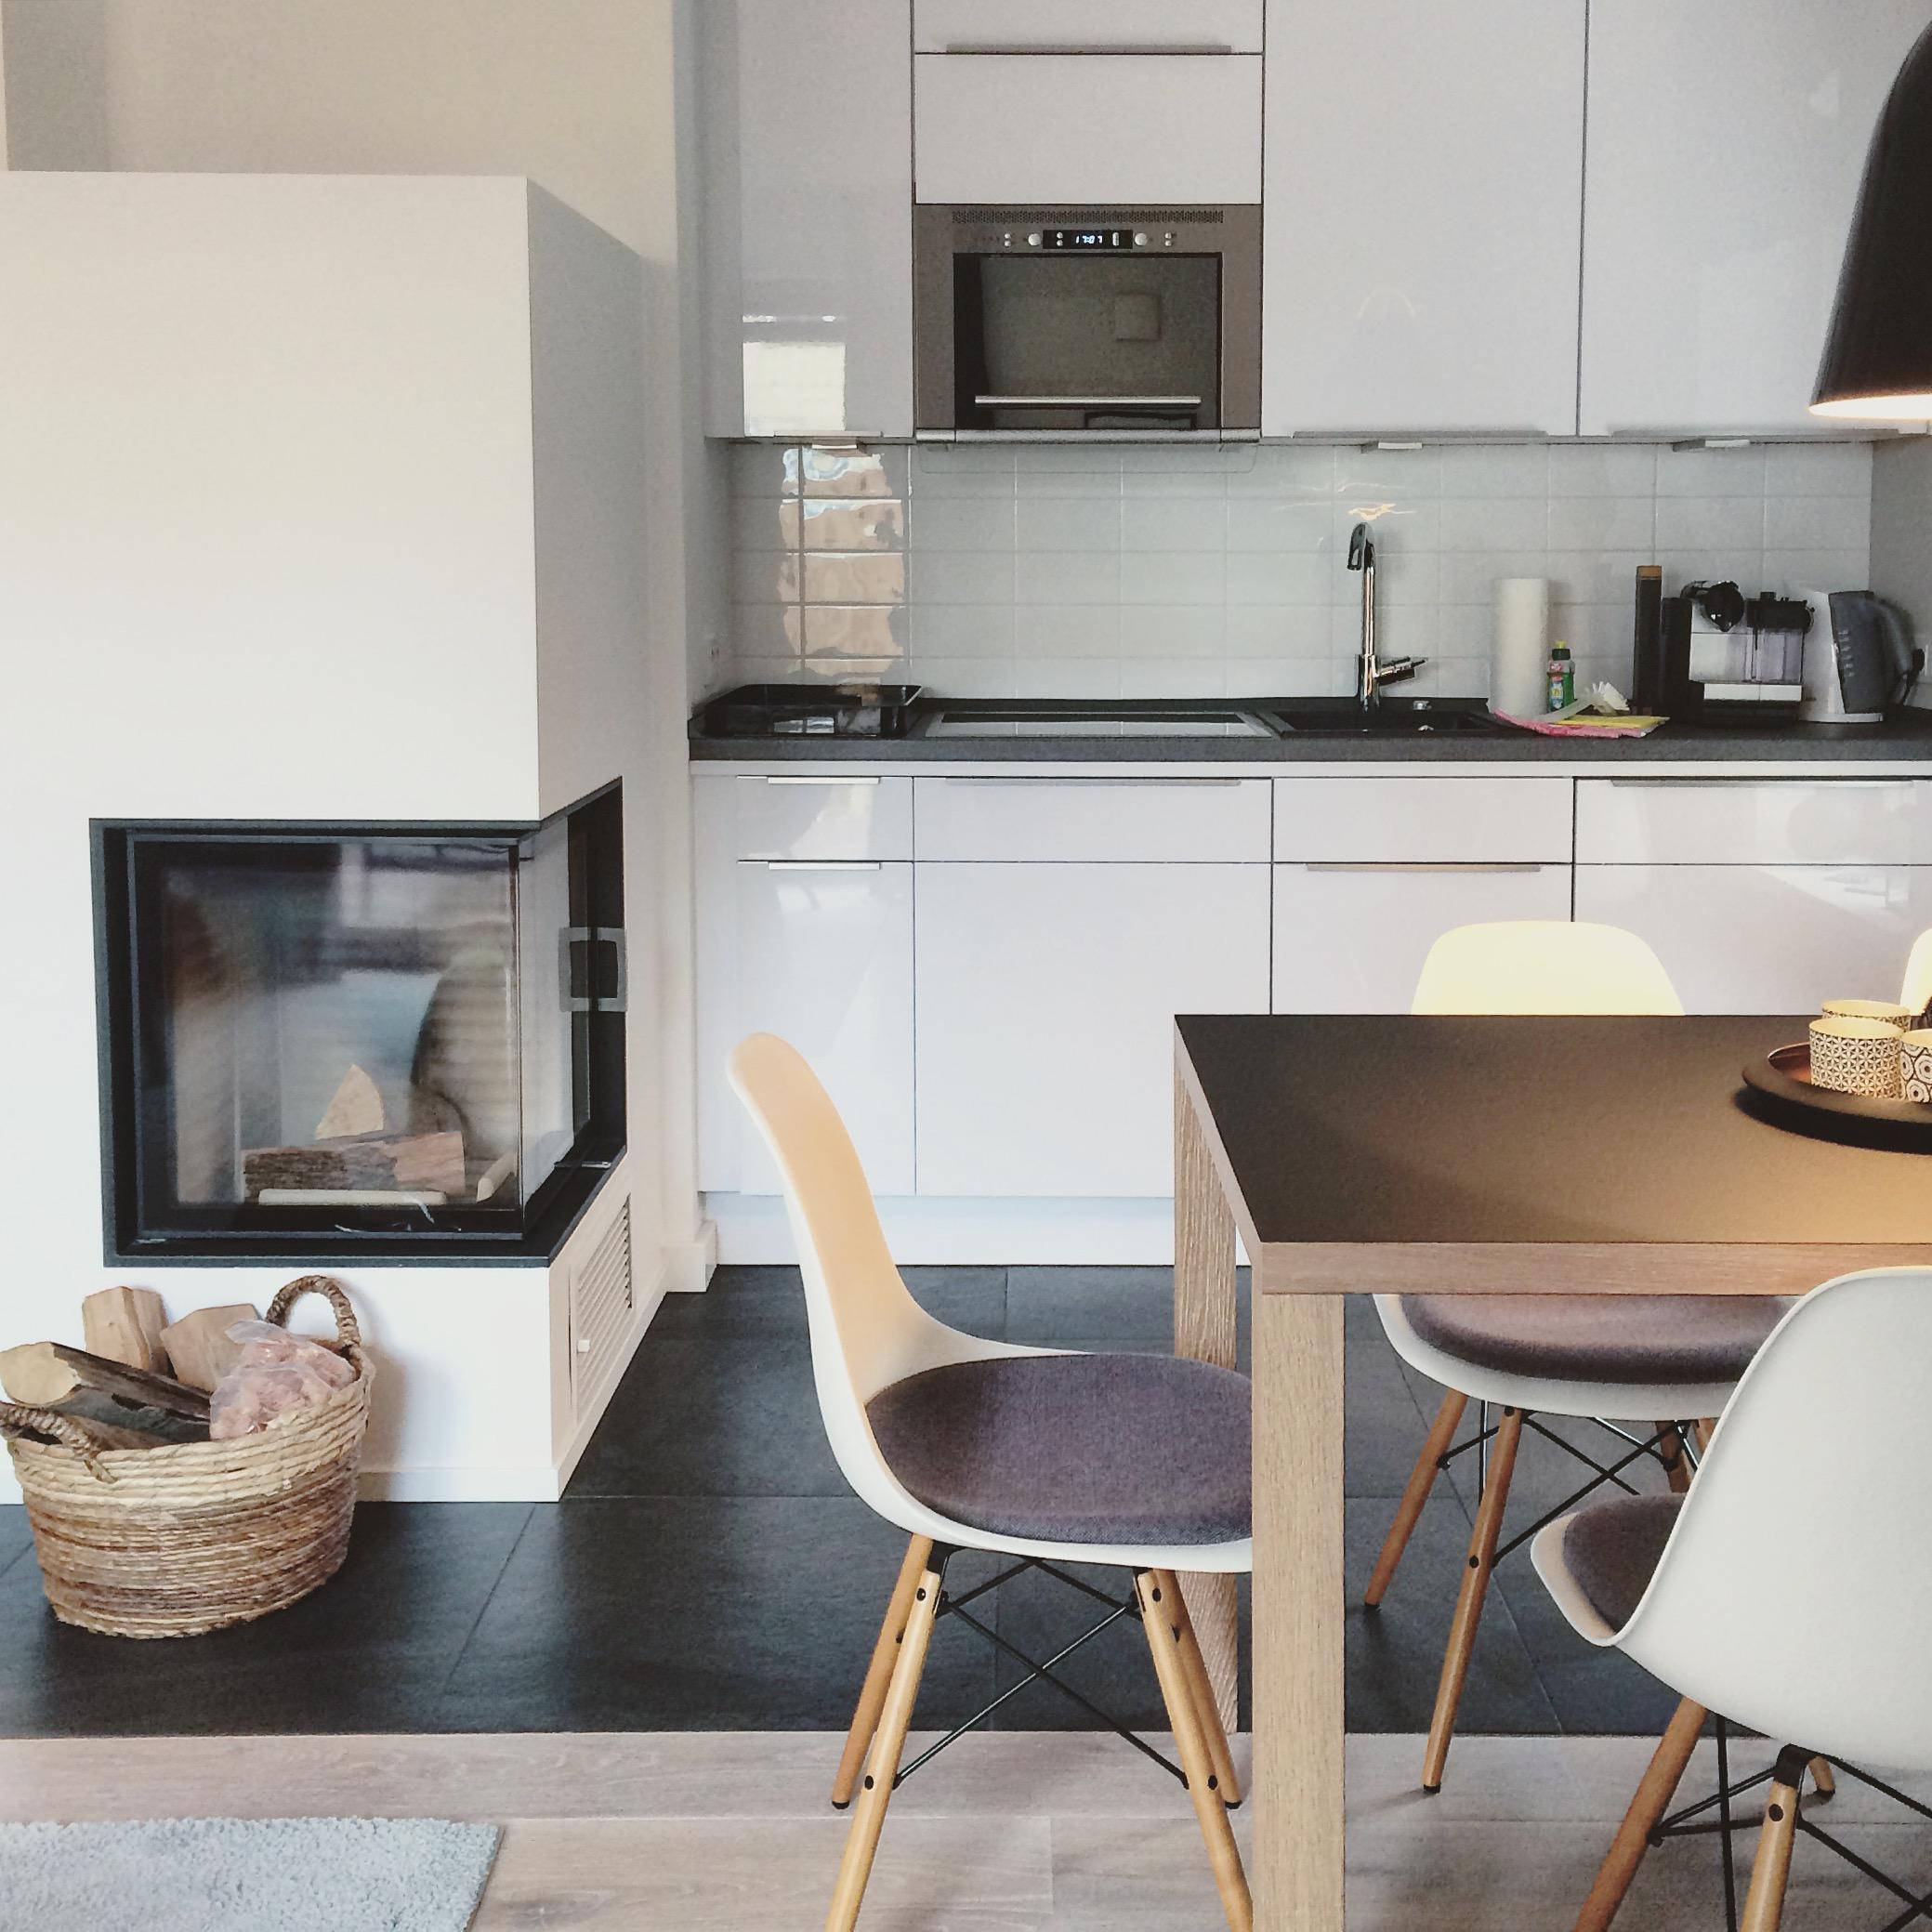 Ikeaküche • Bilder & Ideen • Couchstyle